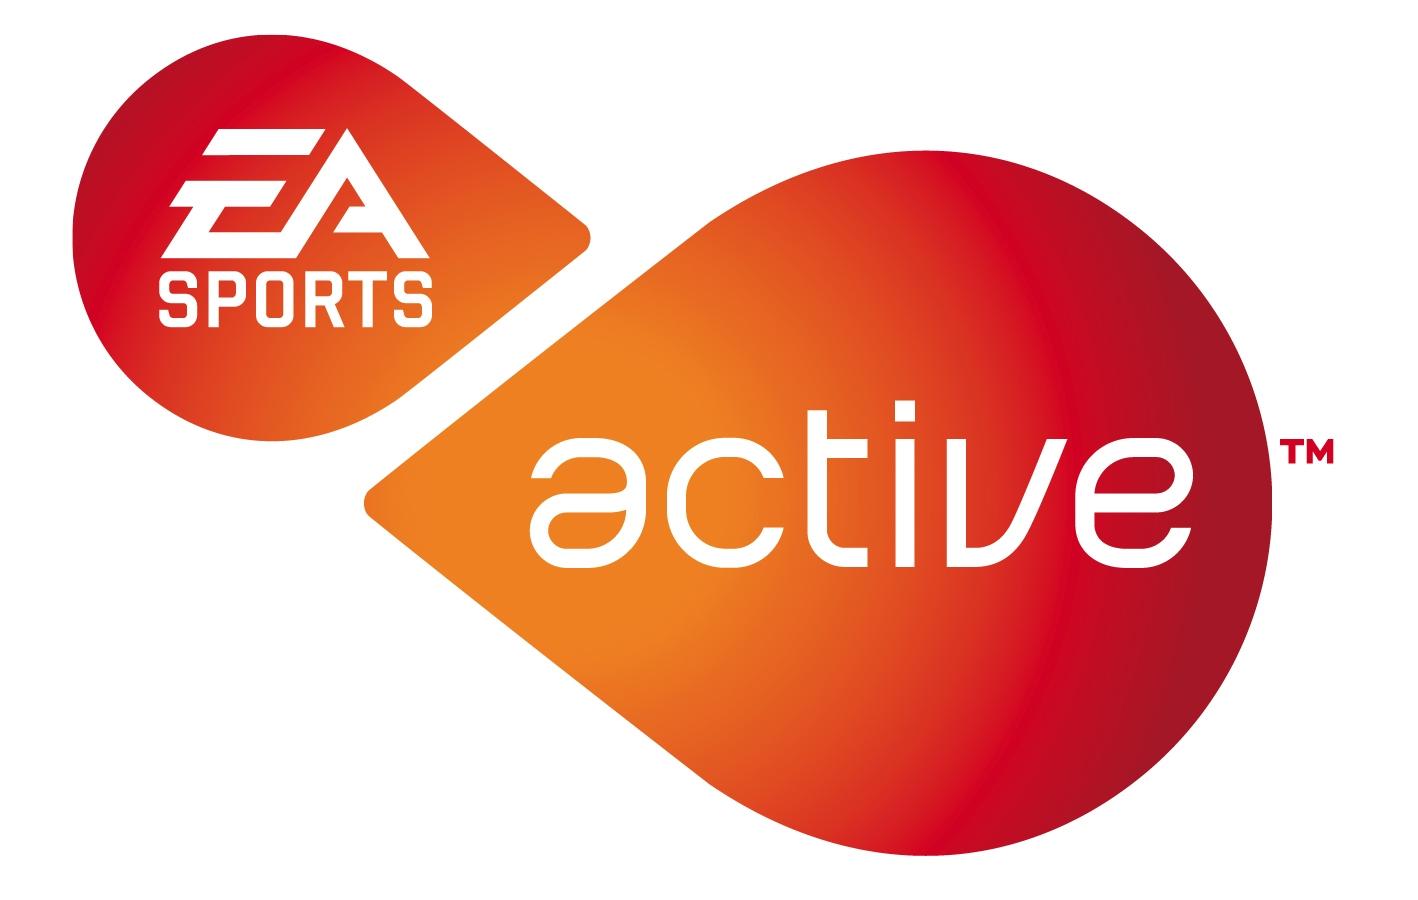 EAS_Active_DblDrop